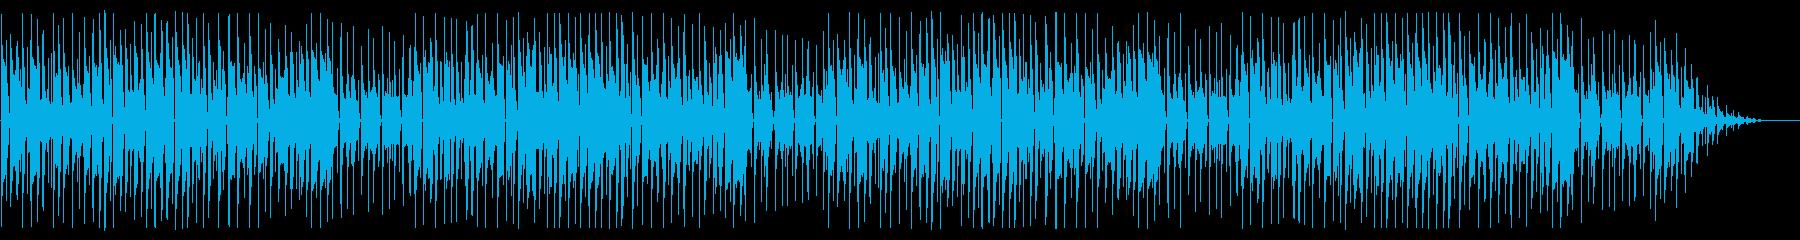 童謡「夕焼け小焼け」脱力系アレンジの再生済みの波形